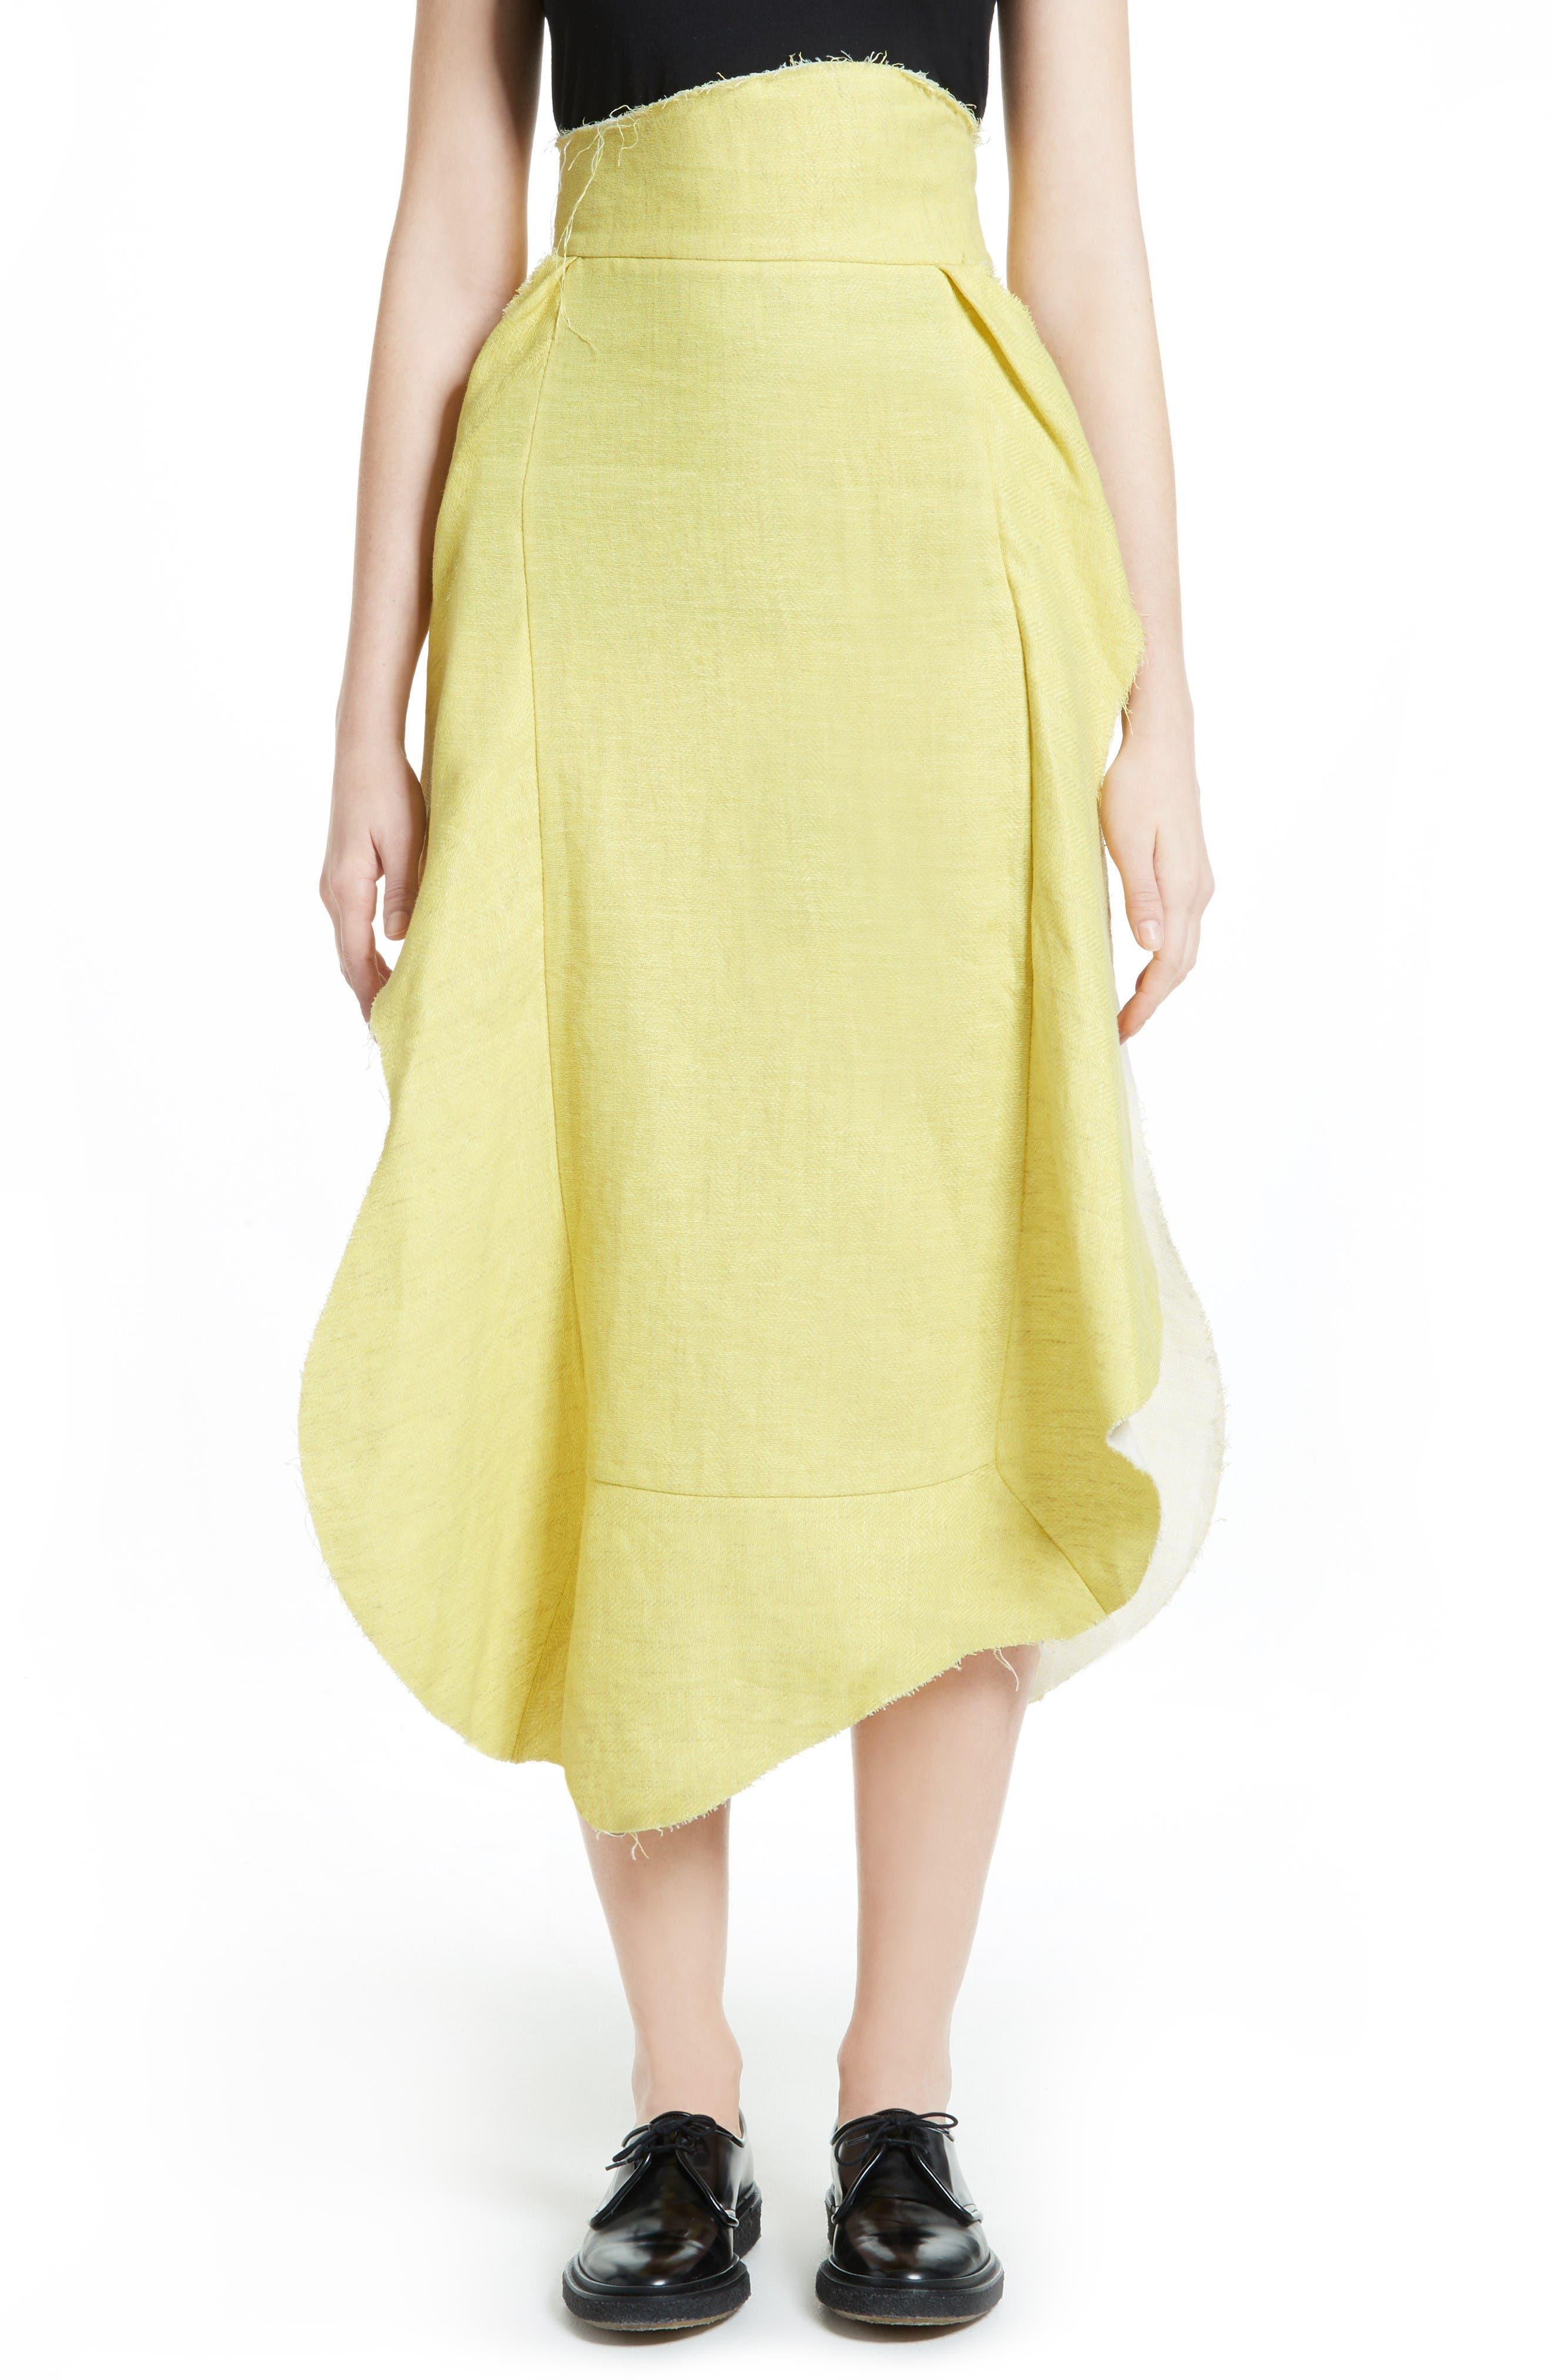 A.W.A.K.E. Apron Skirt